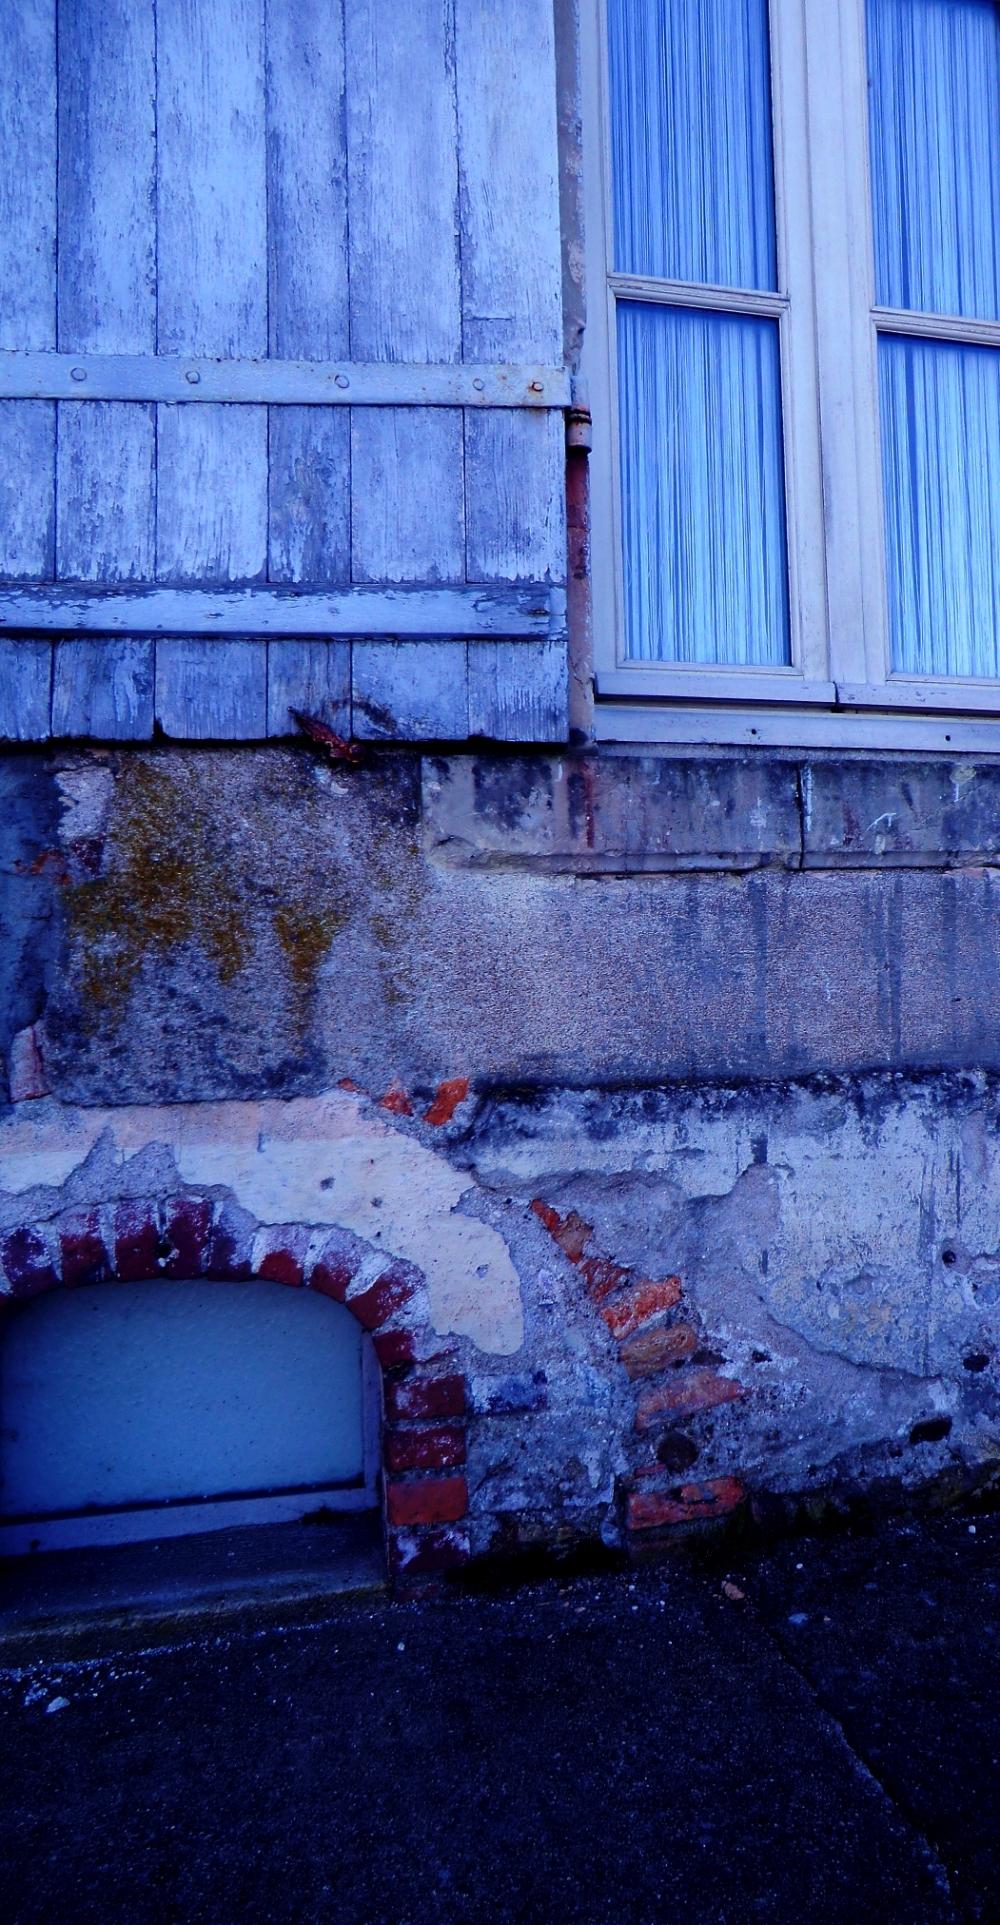 Brique enchante au verre bleu azur de la fenêtre